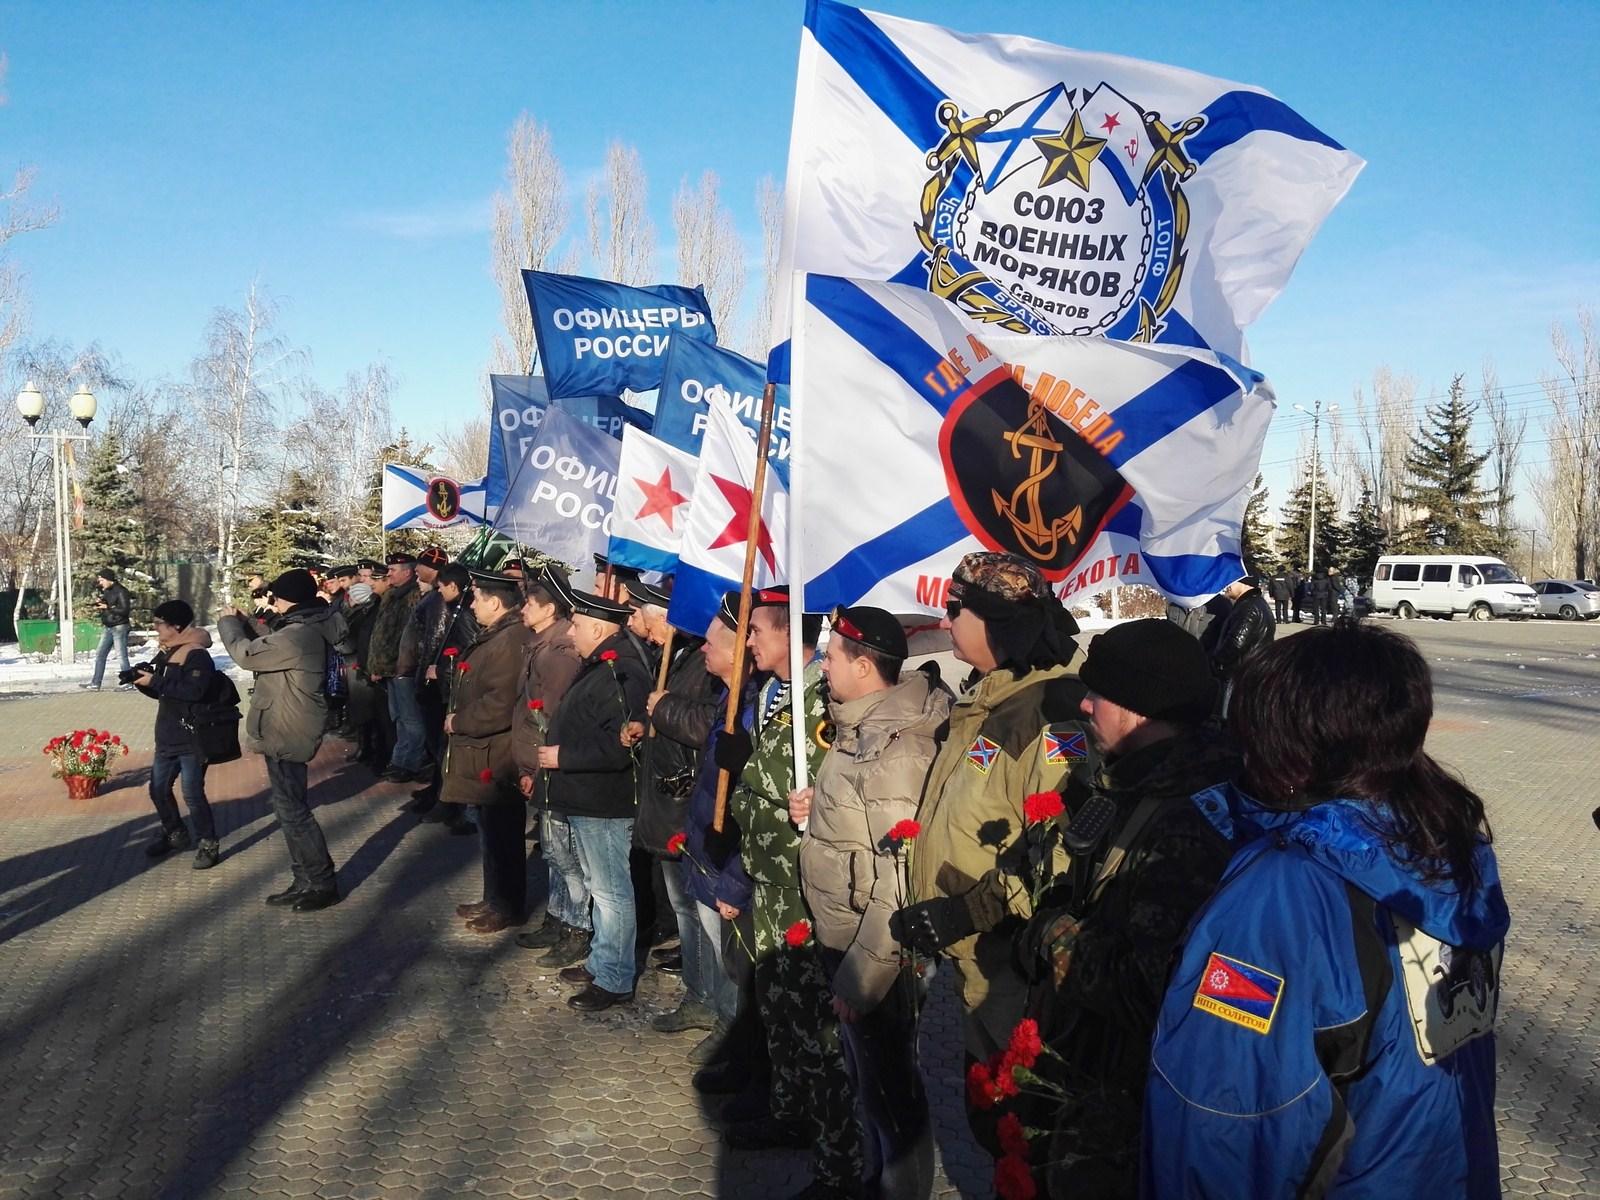 СВМ празднует 310 лет морской пехоте России 28.11.15